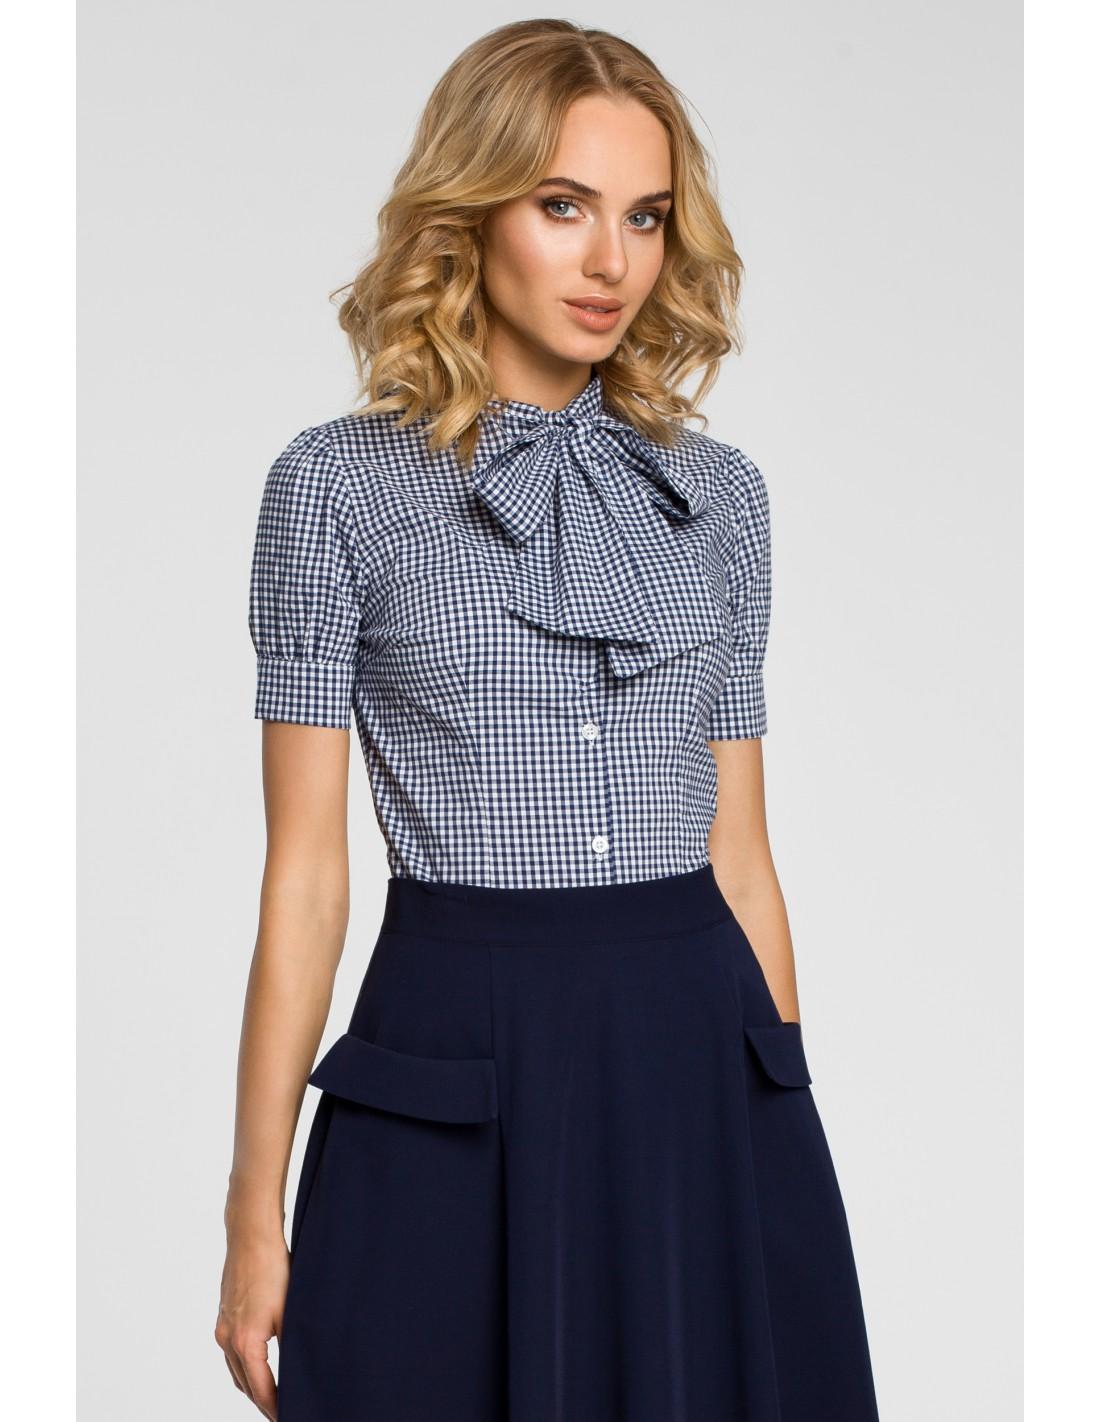 Koszula damska w kratkę z kokardą i krótkim rękawem